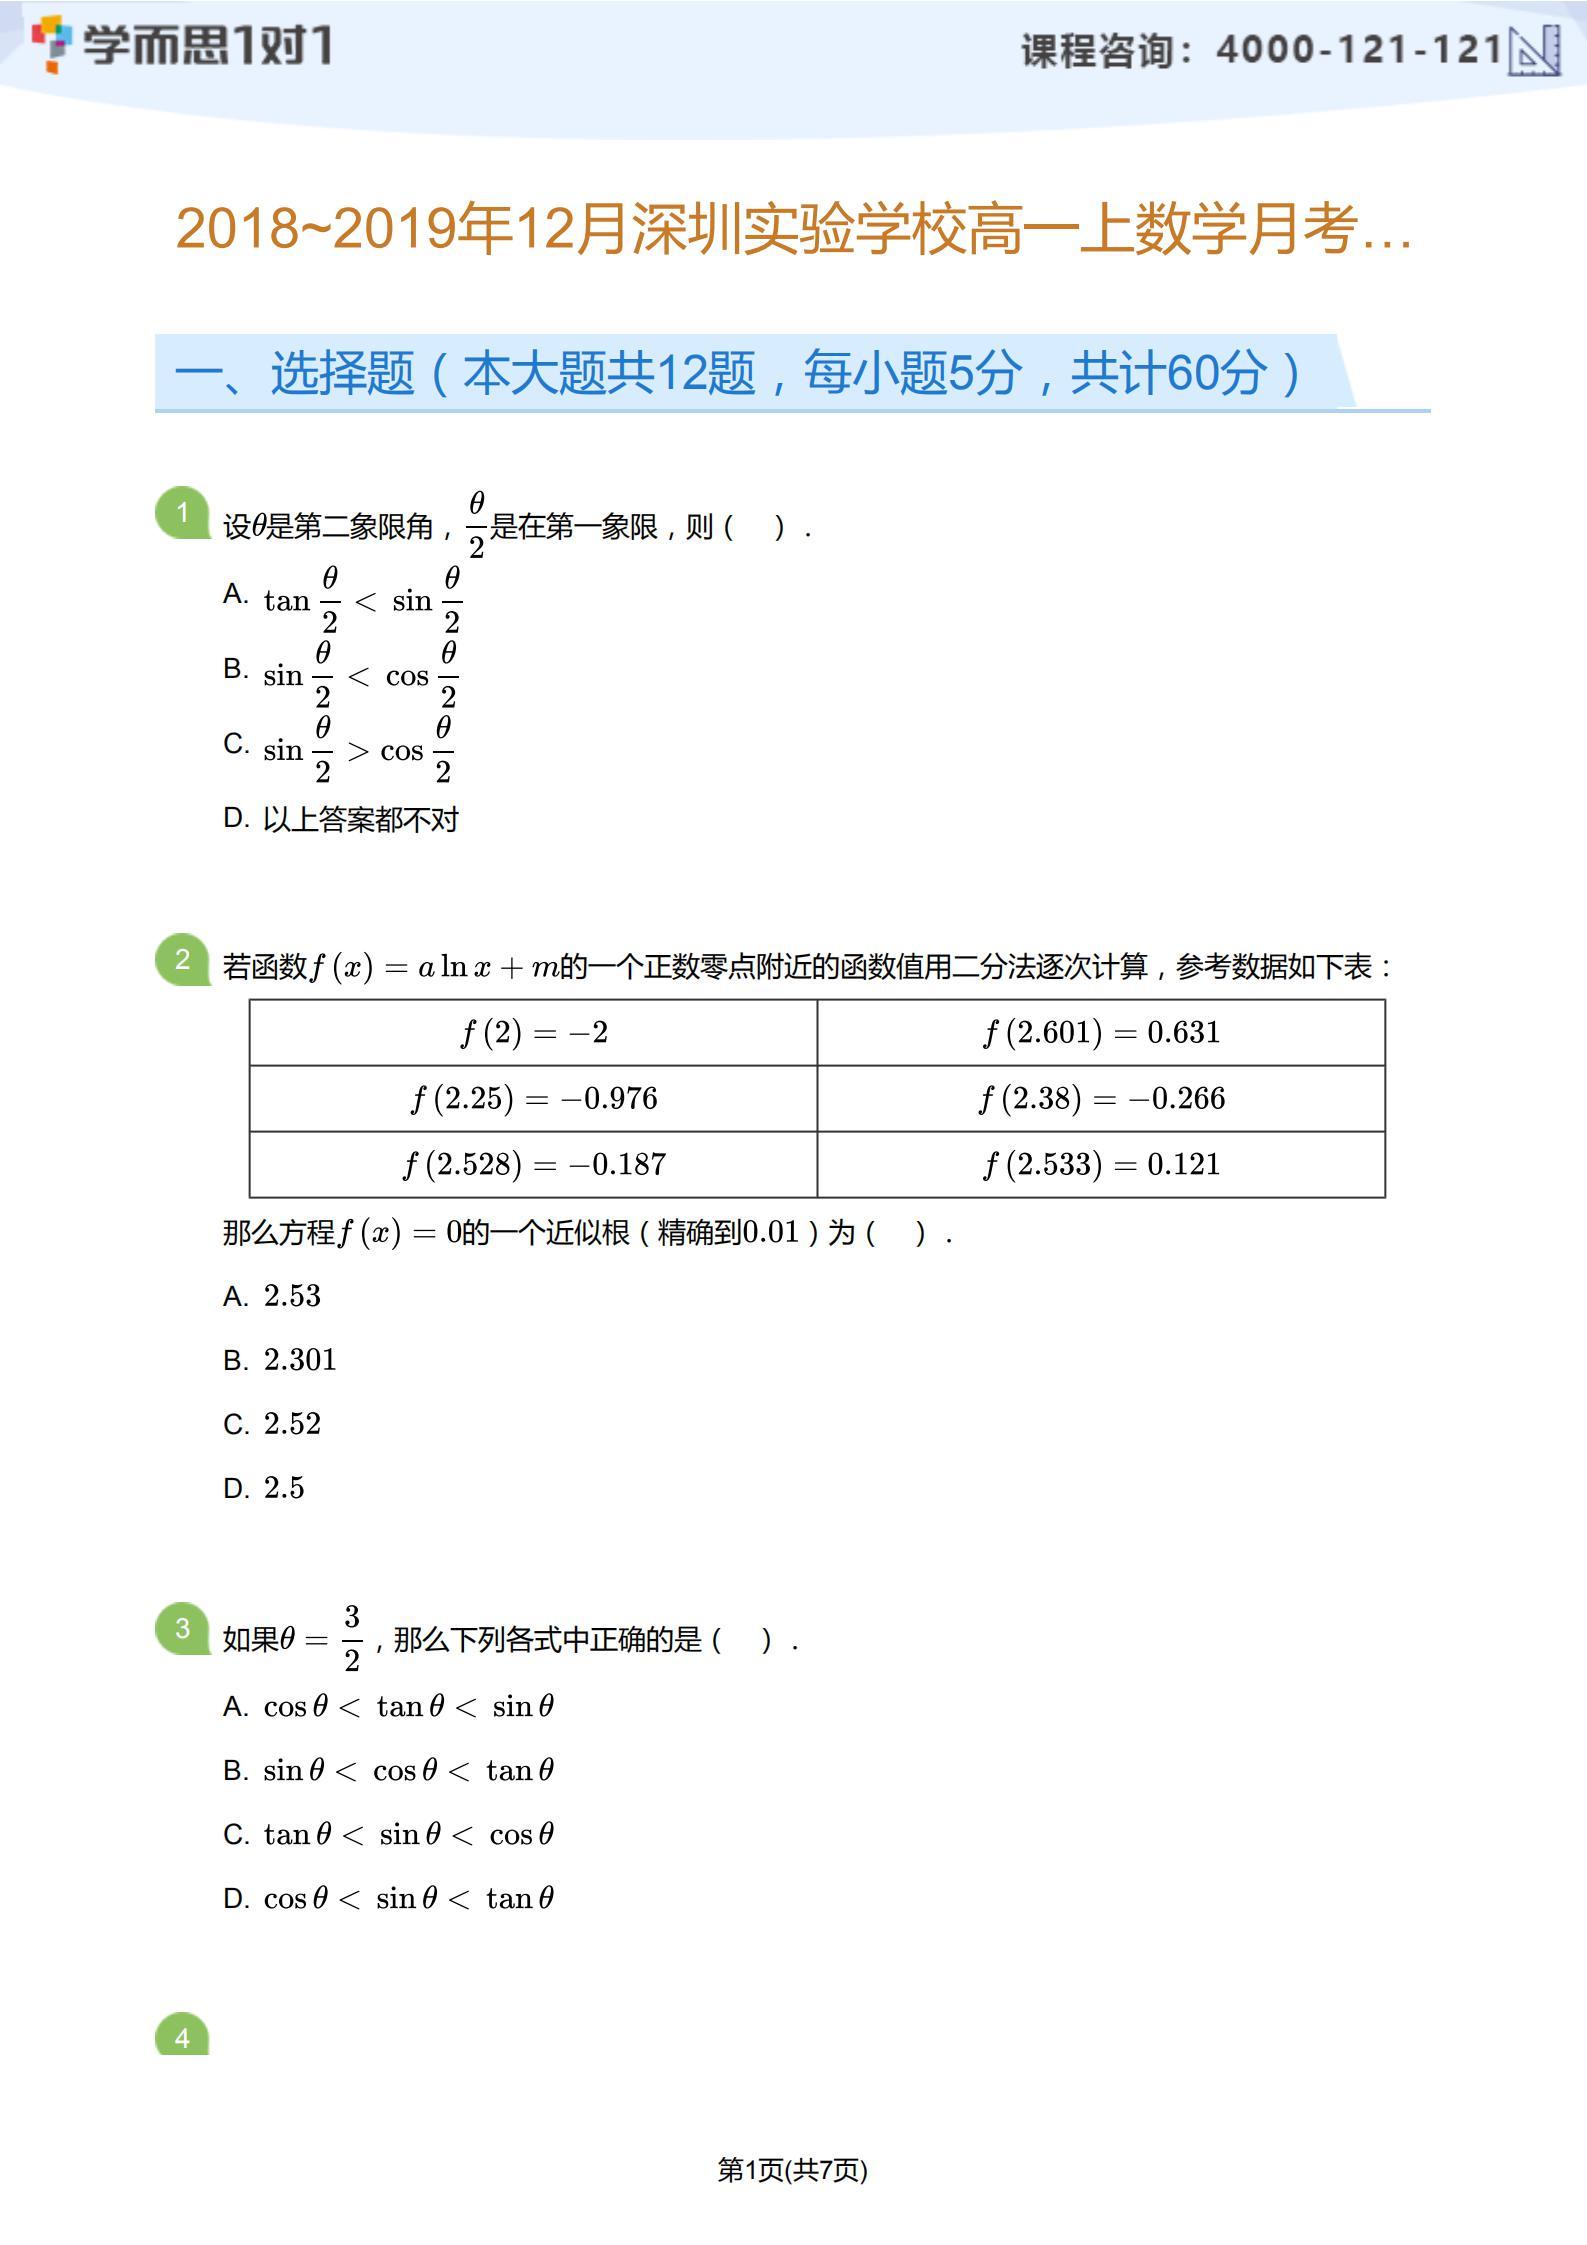 2018-2019学年12月深圳实验学校高一上月考数学试卷及答案